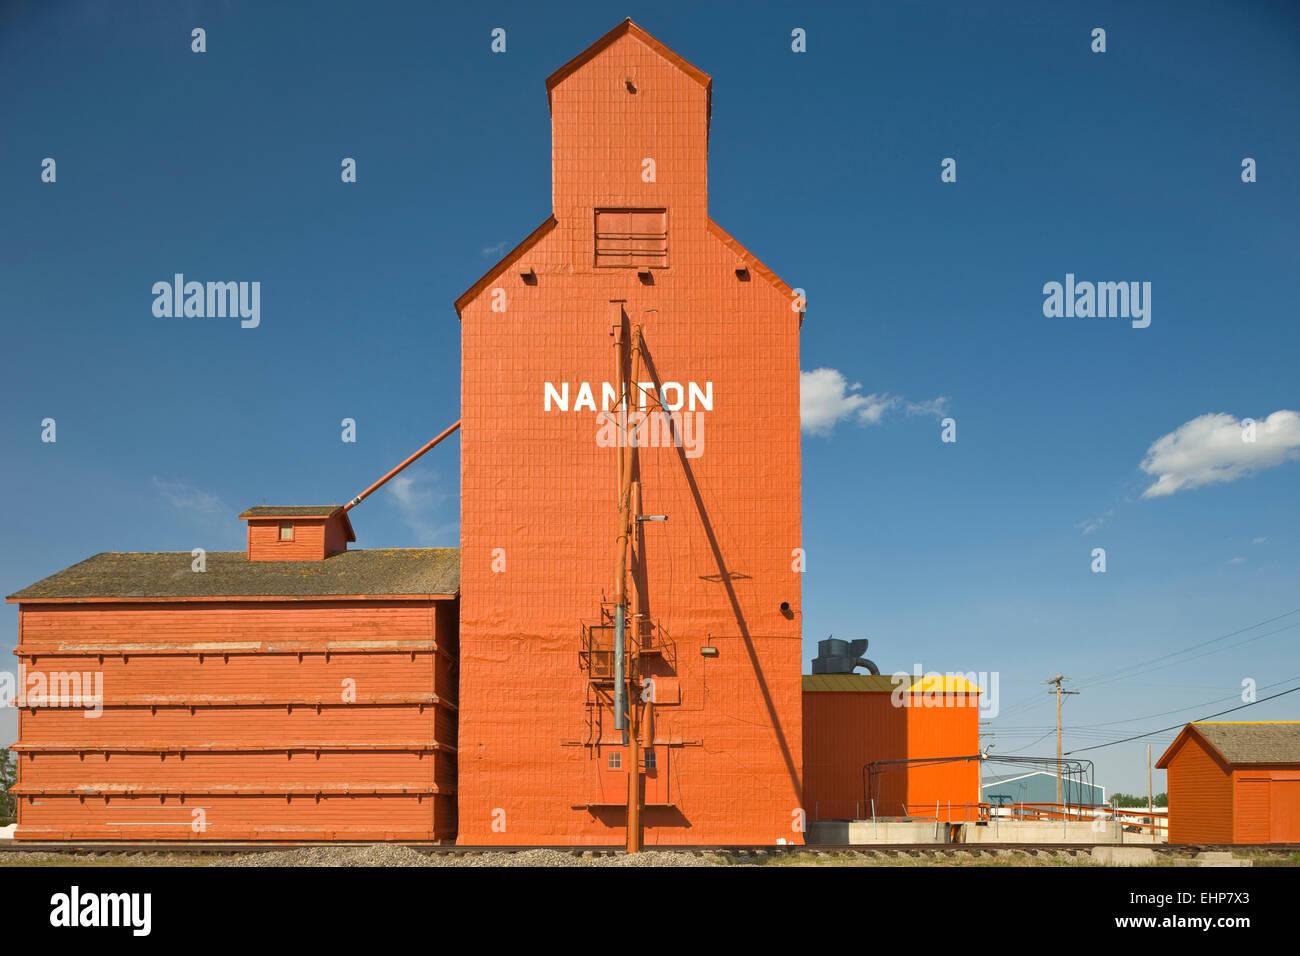 Les silos à céréales à ossature de bois CANADA ALBERTA NANTON Photo Stock